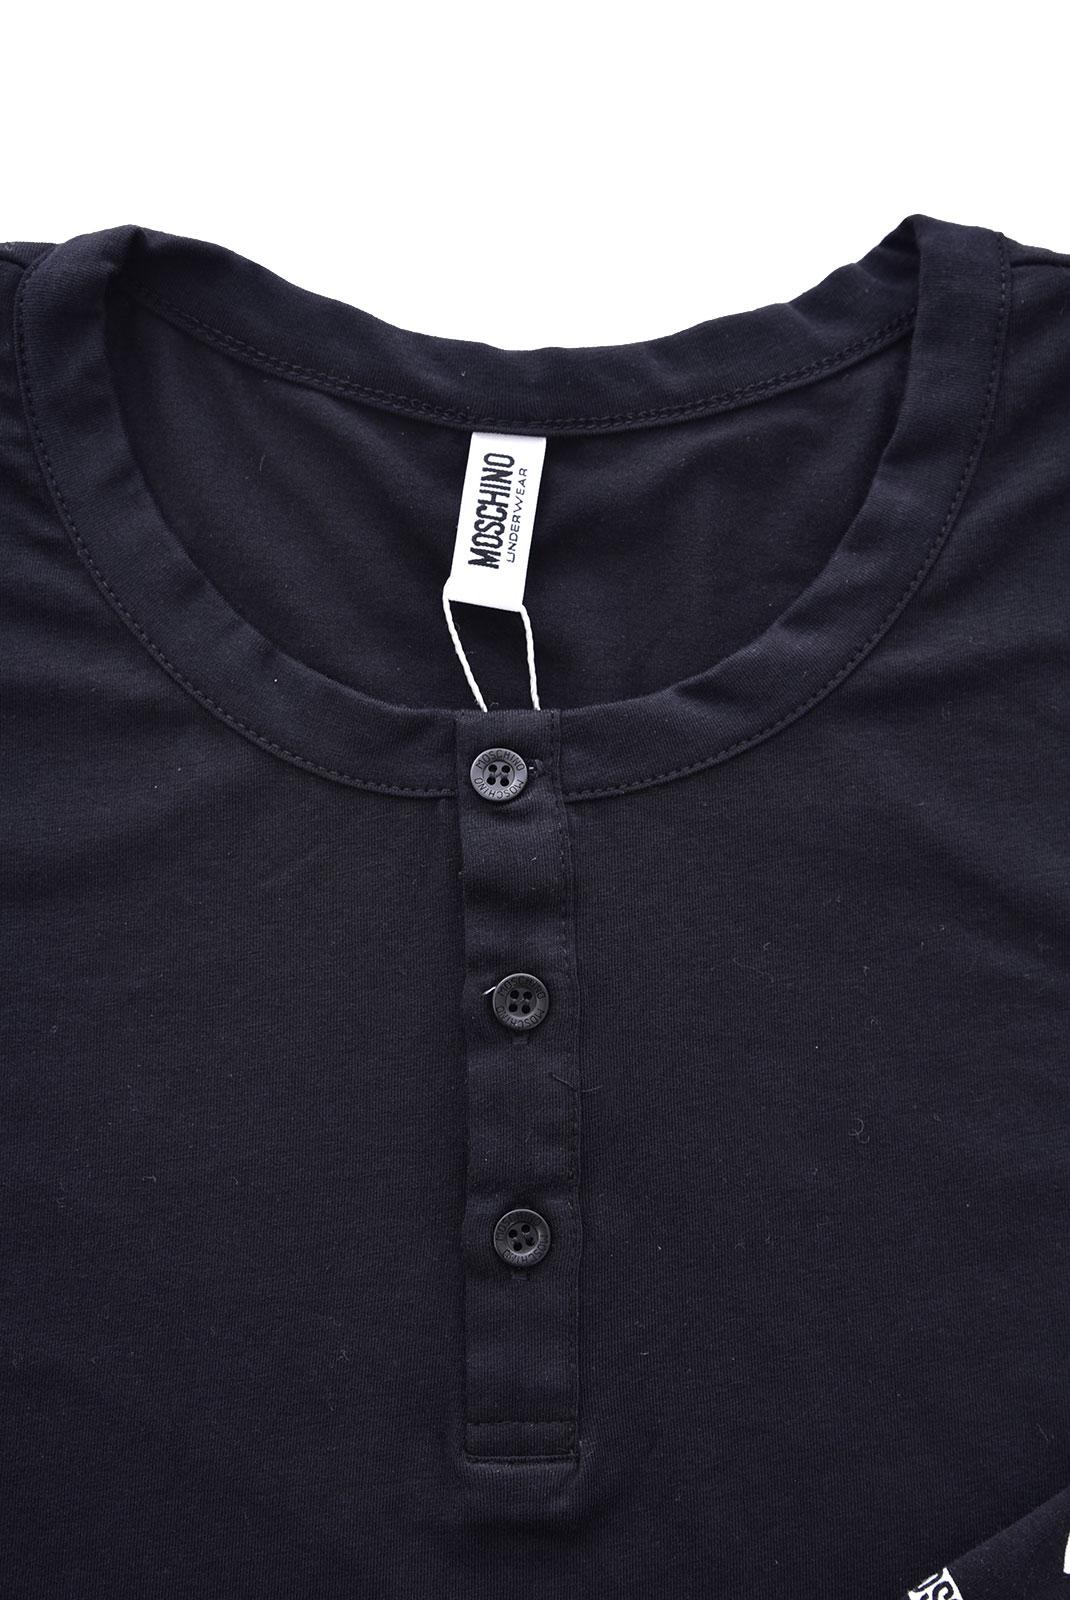 Pyjamas-Peignoirs  Moschino 1A5001 1555 NOIR